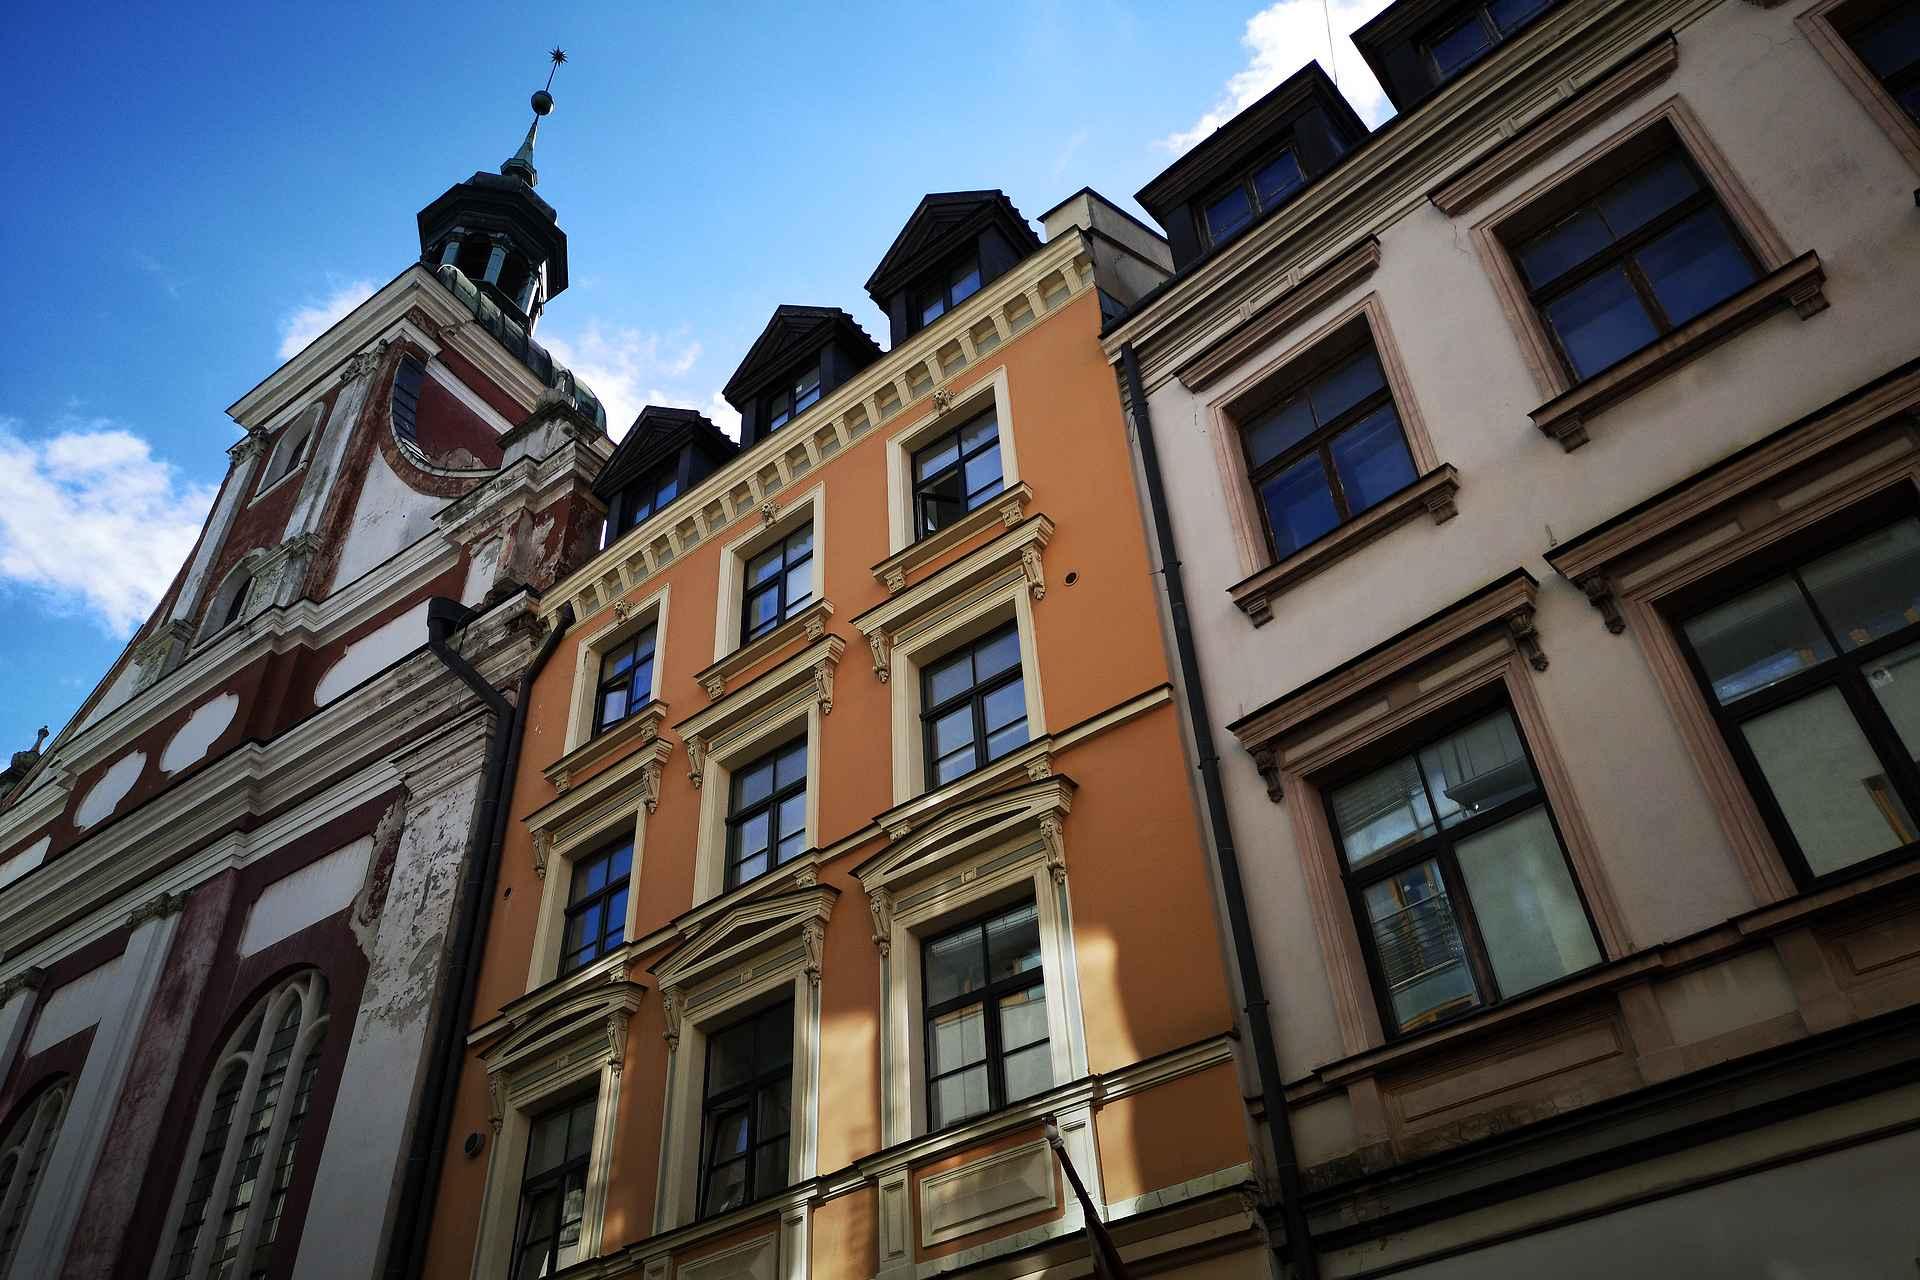 Vanhakaupungin arkkitehtuuri on varsin upeaa katseltavaa.